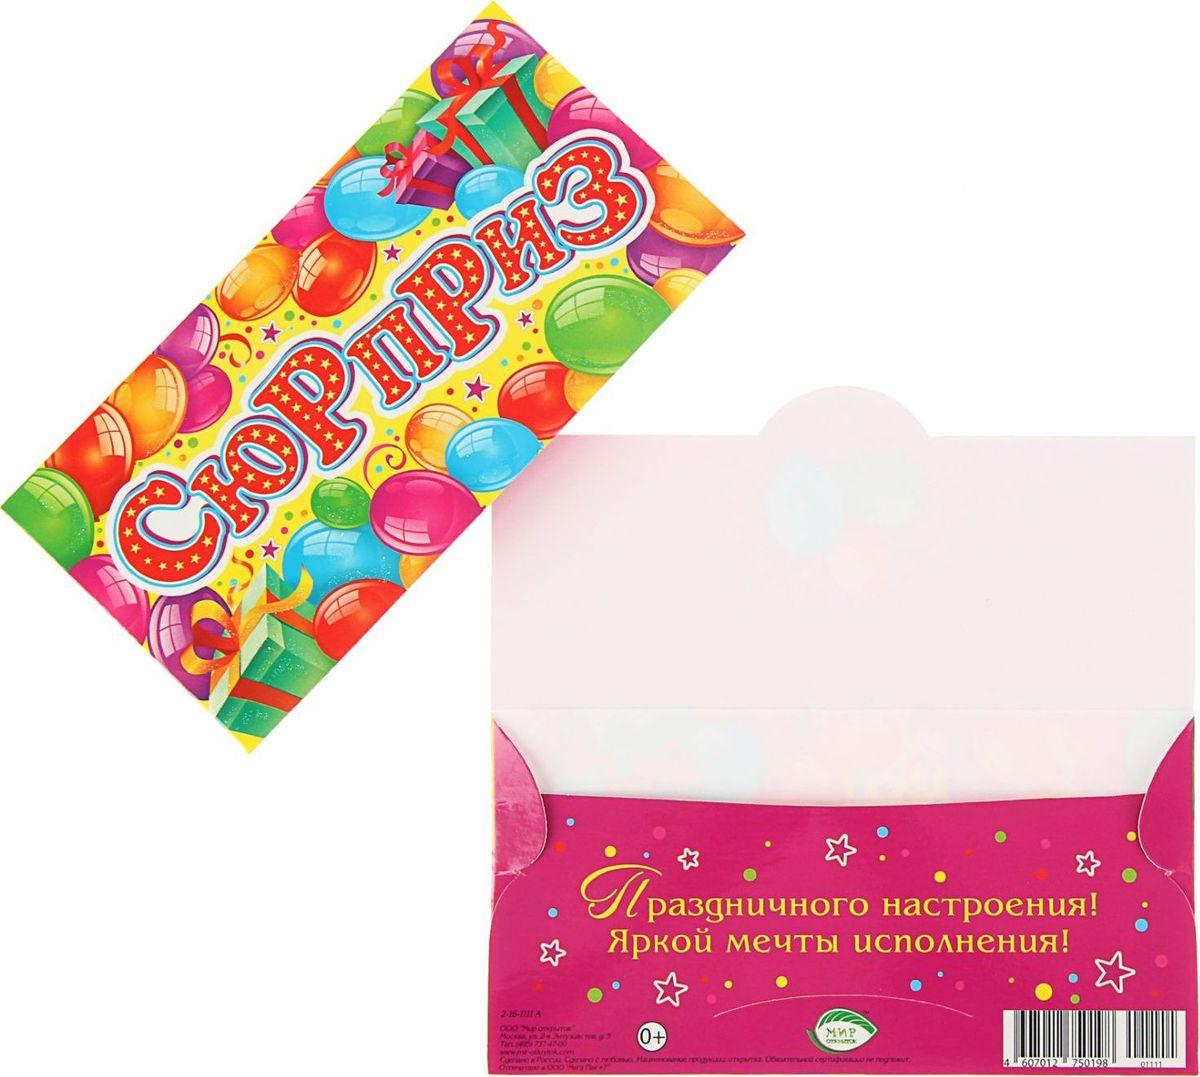 Конверт для денег Мир открыток Сюрприз. Разноцветные шары, 16,4 х 8,4 см1442212Невозможно представить нашу жизнь без праздников! Мы всегда ждём их и предвкушаем, обдумываем, как проведём памятный день, тщательно выбираем подарки и аксессуары, ведь именно они создают и поддерживают торжественный настрой. Этот конверт - отличный выбор, который привнесёт атмосферу праздника в ваш дом!